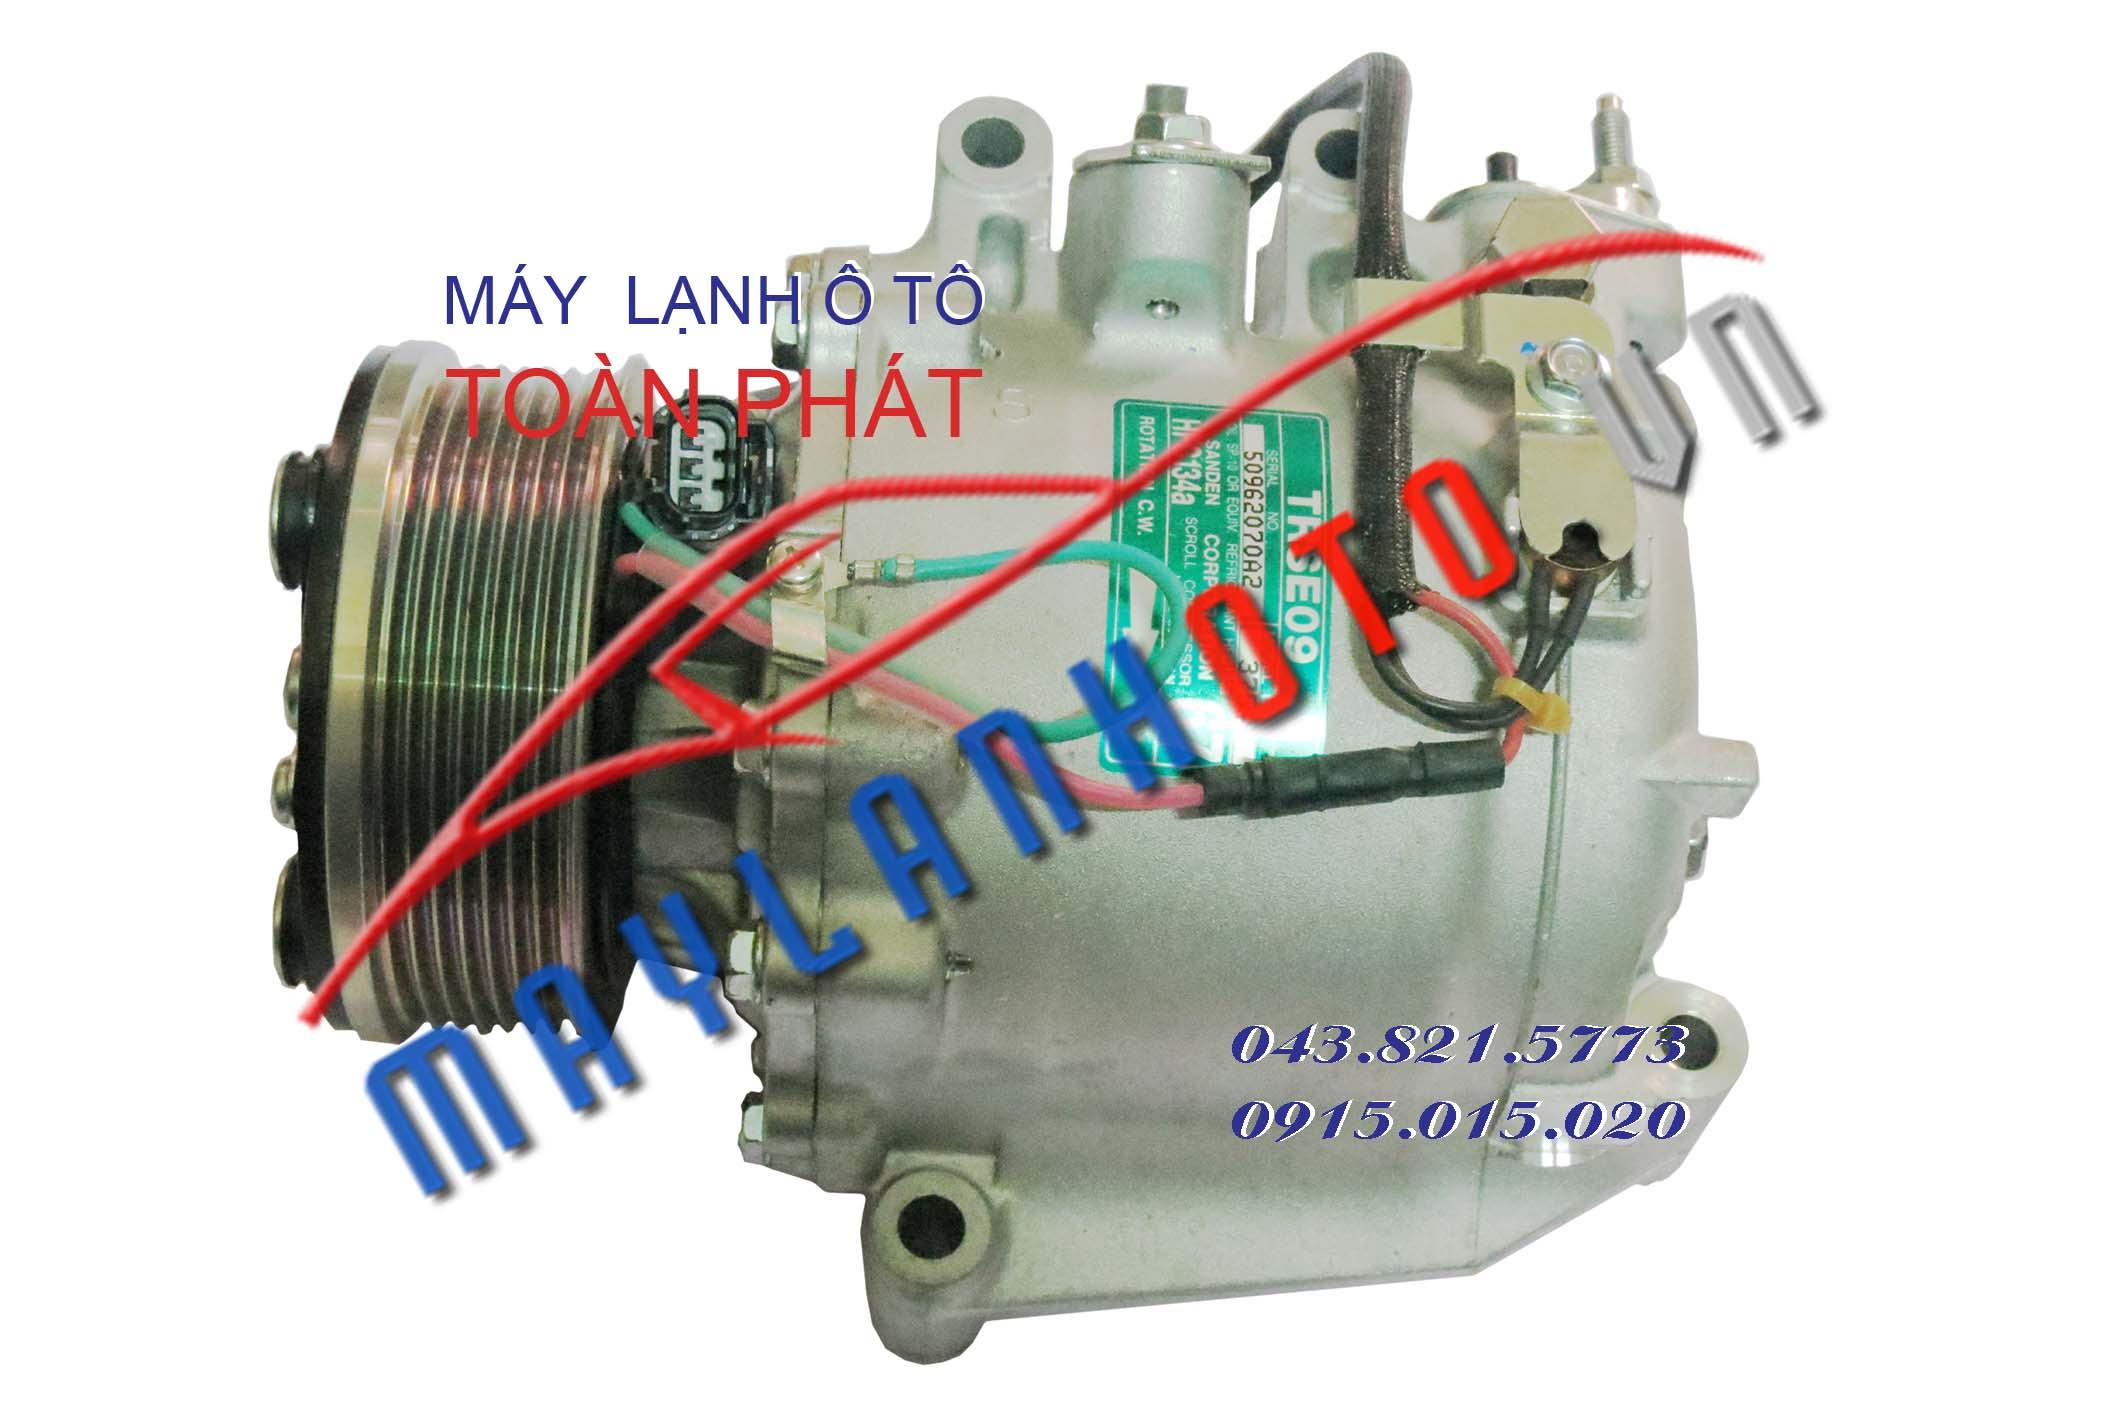 CRV / Lốc lạnh điều hòa Honda CRV / Máy nén khí điều hòa Honda CRV